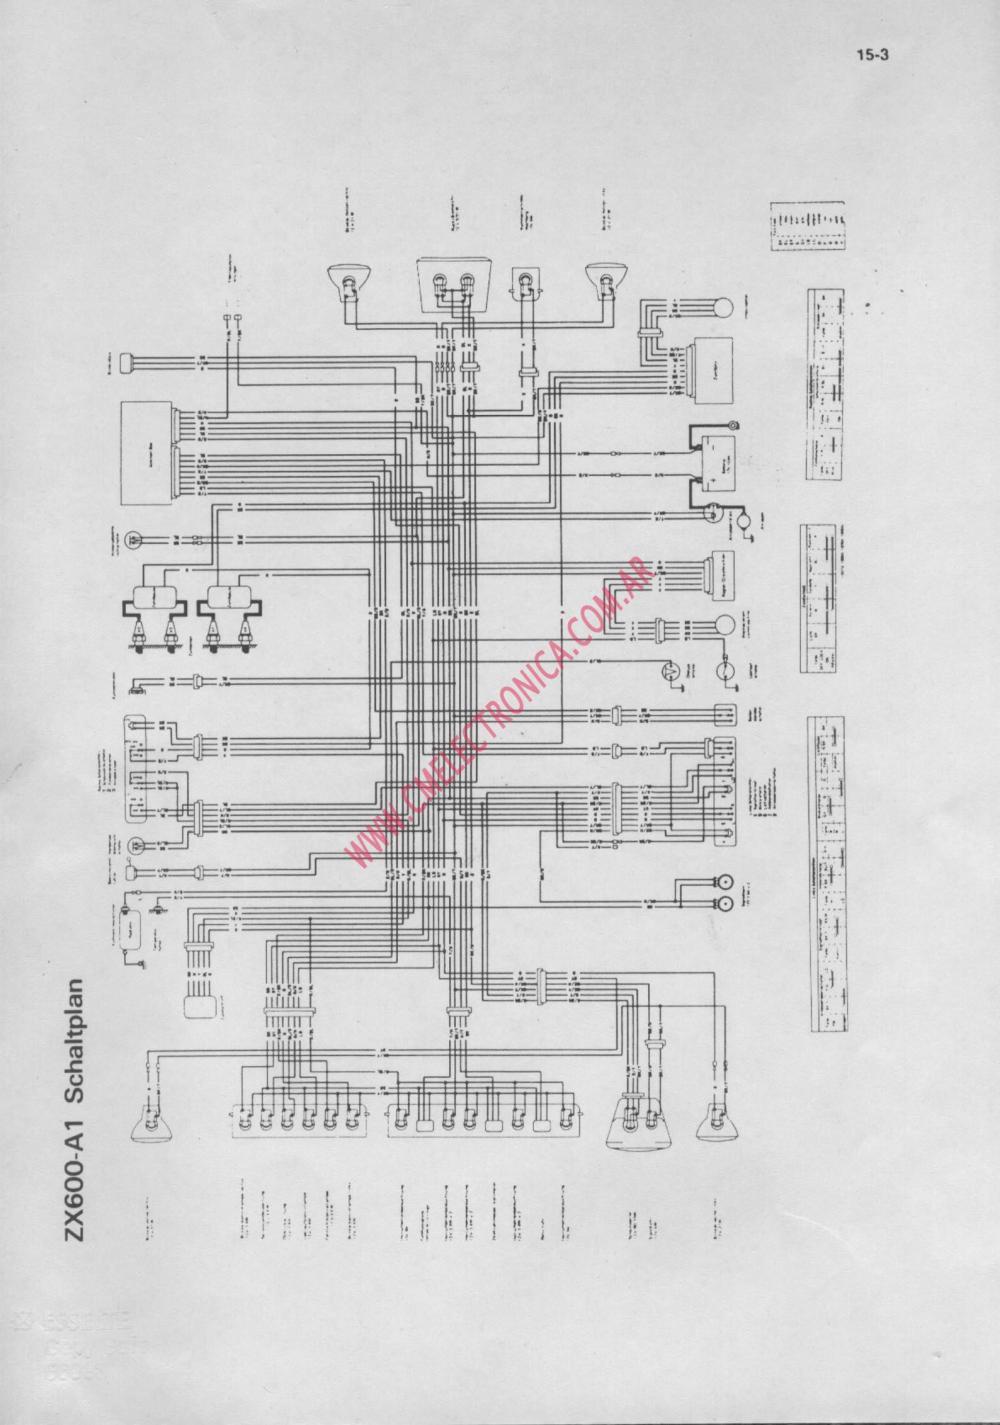 medium resolution of kawasaki ninja 500 wiring diagram kawasaki free engine kawasaki klf 300 wiring diagram kawasaki mule wiring